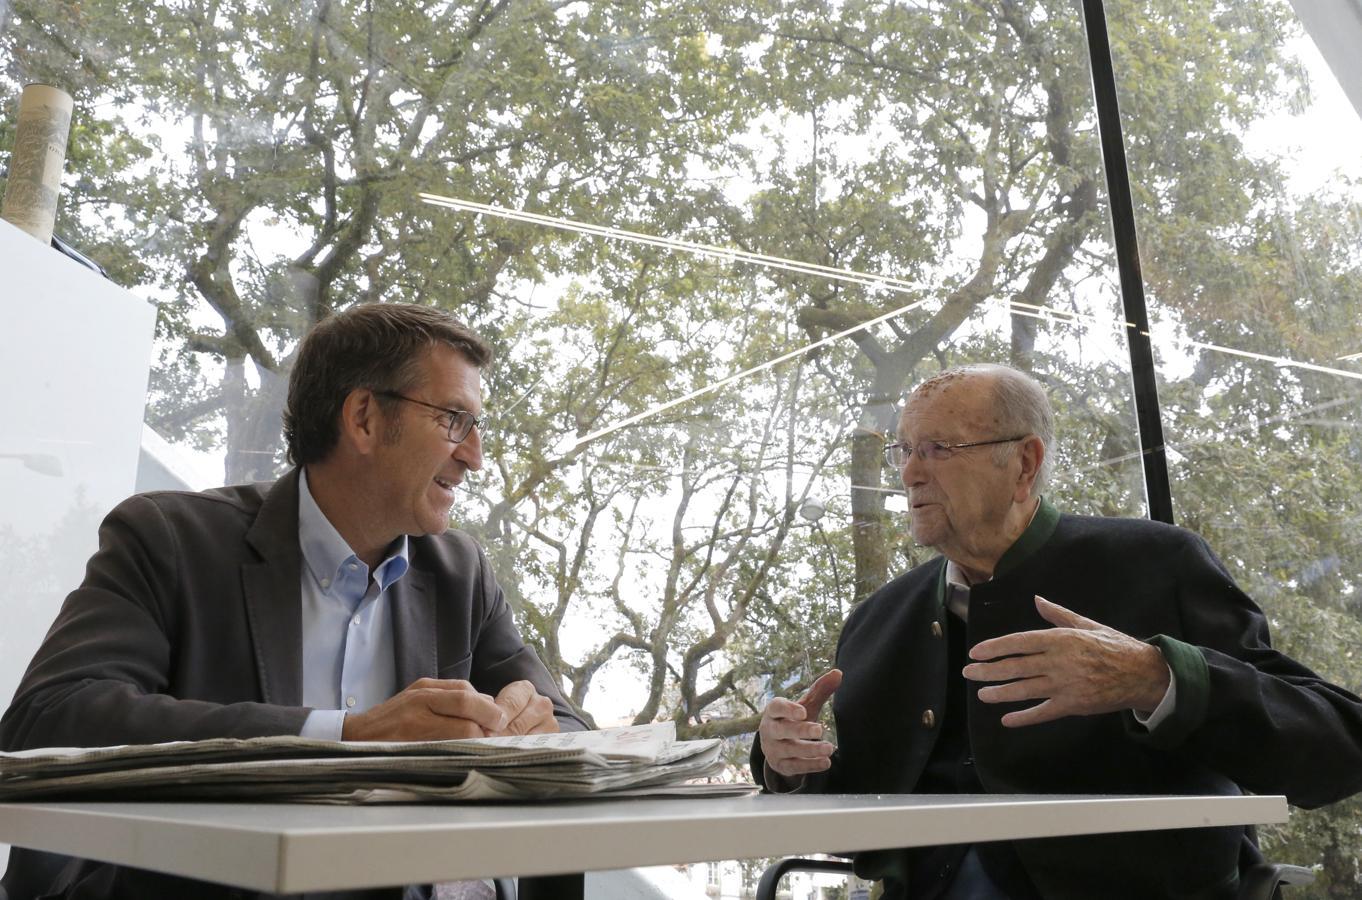 El titular de la Xunta en funciones y candidato a ser reelegido mañana, Alberto Núñez Feijóo, ha dedicado hoy parte de la jornada de reflexión a pasear y tomar un café con Xerardo Fernández Albor, de 99 años, que presidió Galicia de 1982 a 1987.